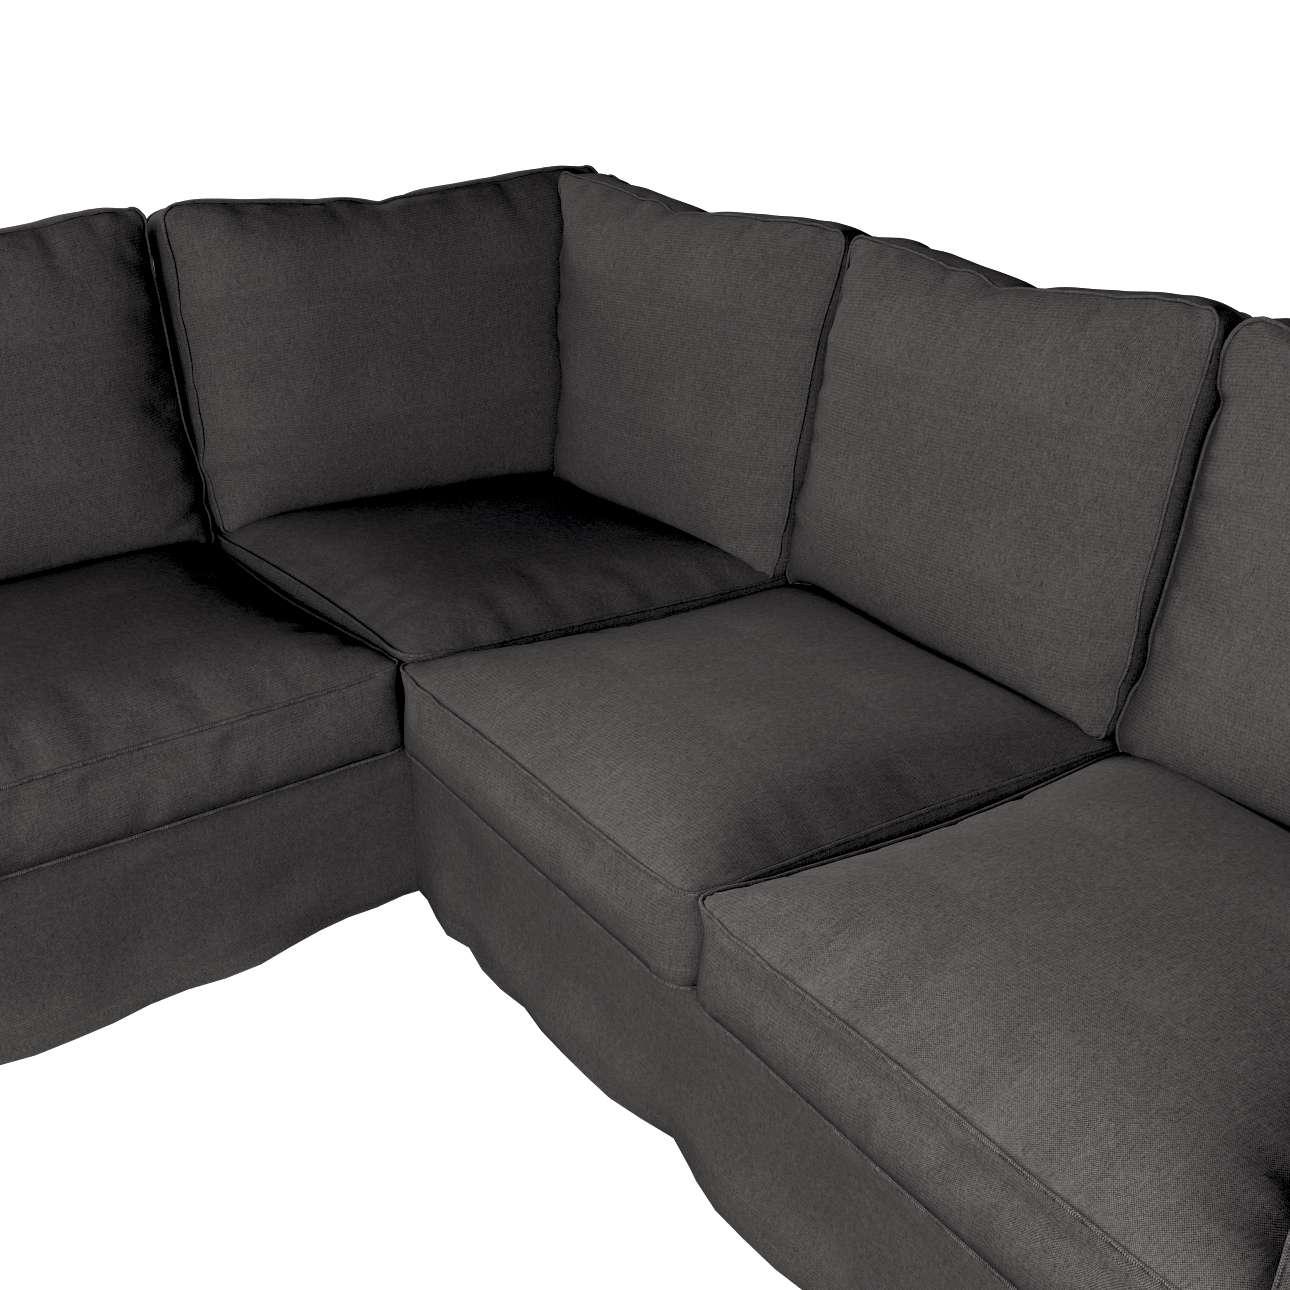 Pokrowiec na sofę narożną Ektorp w kolekcji Etna, tkanina: 705-35